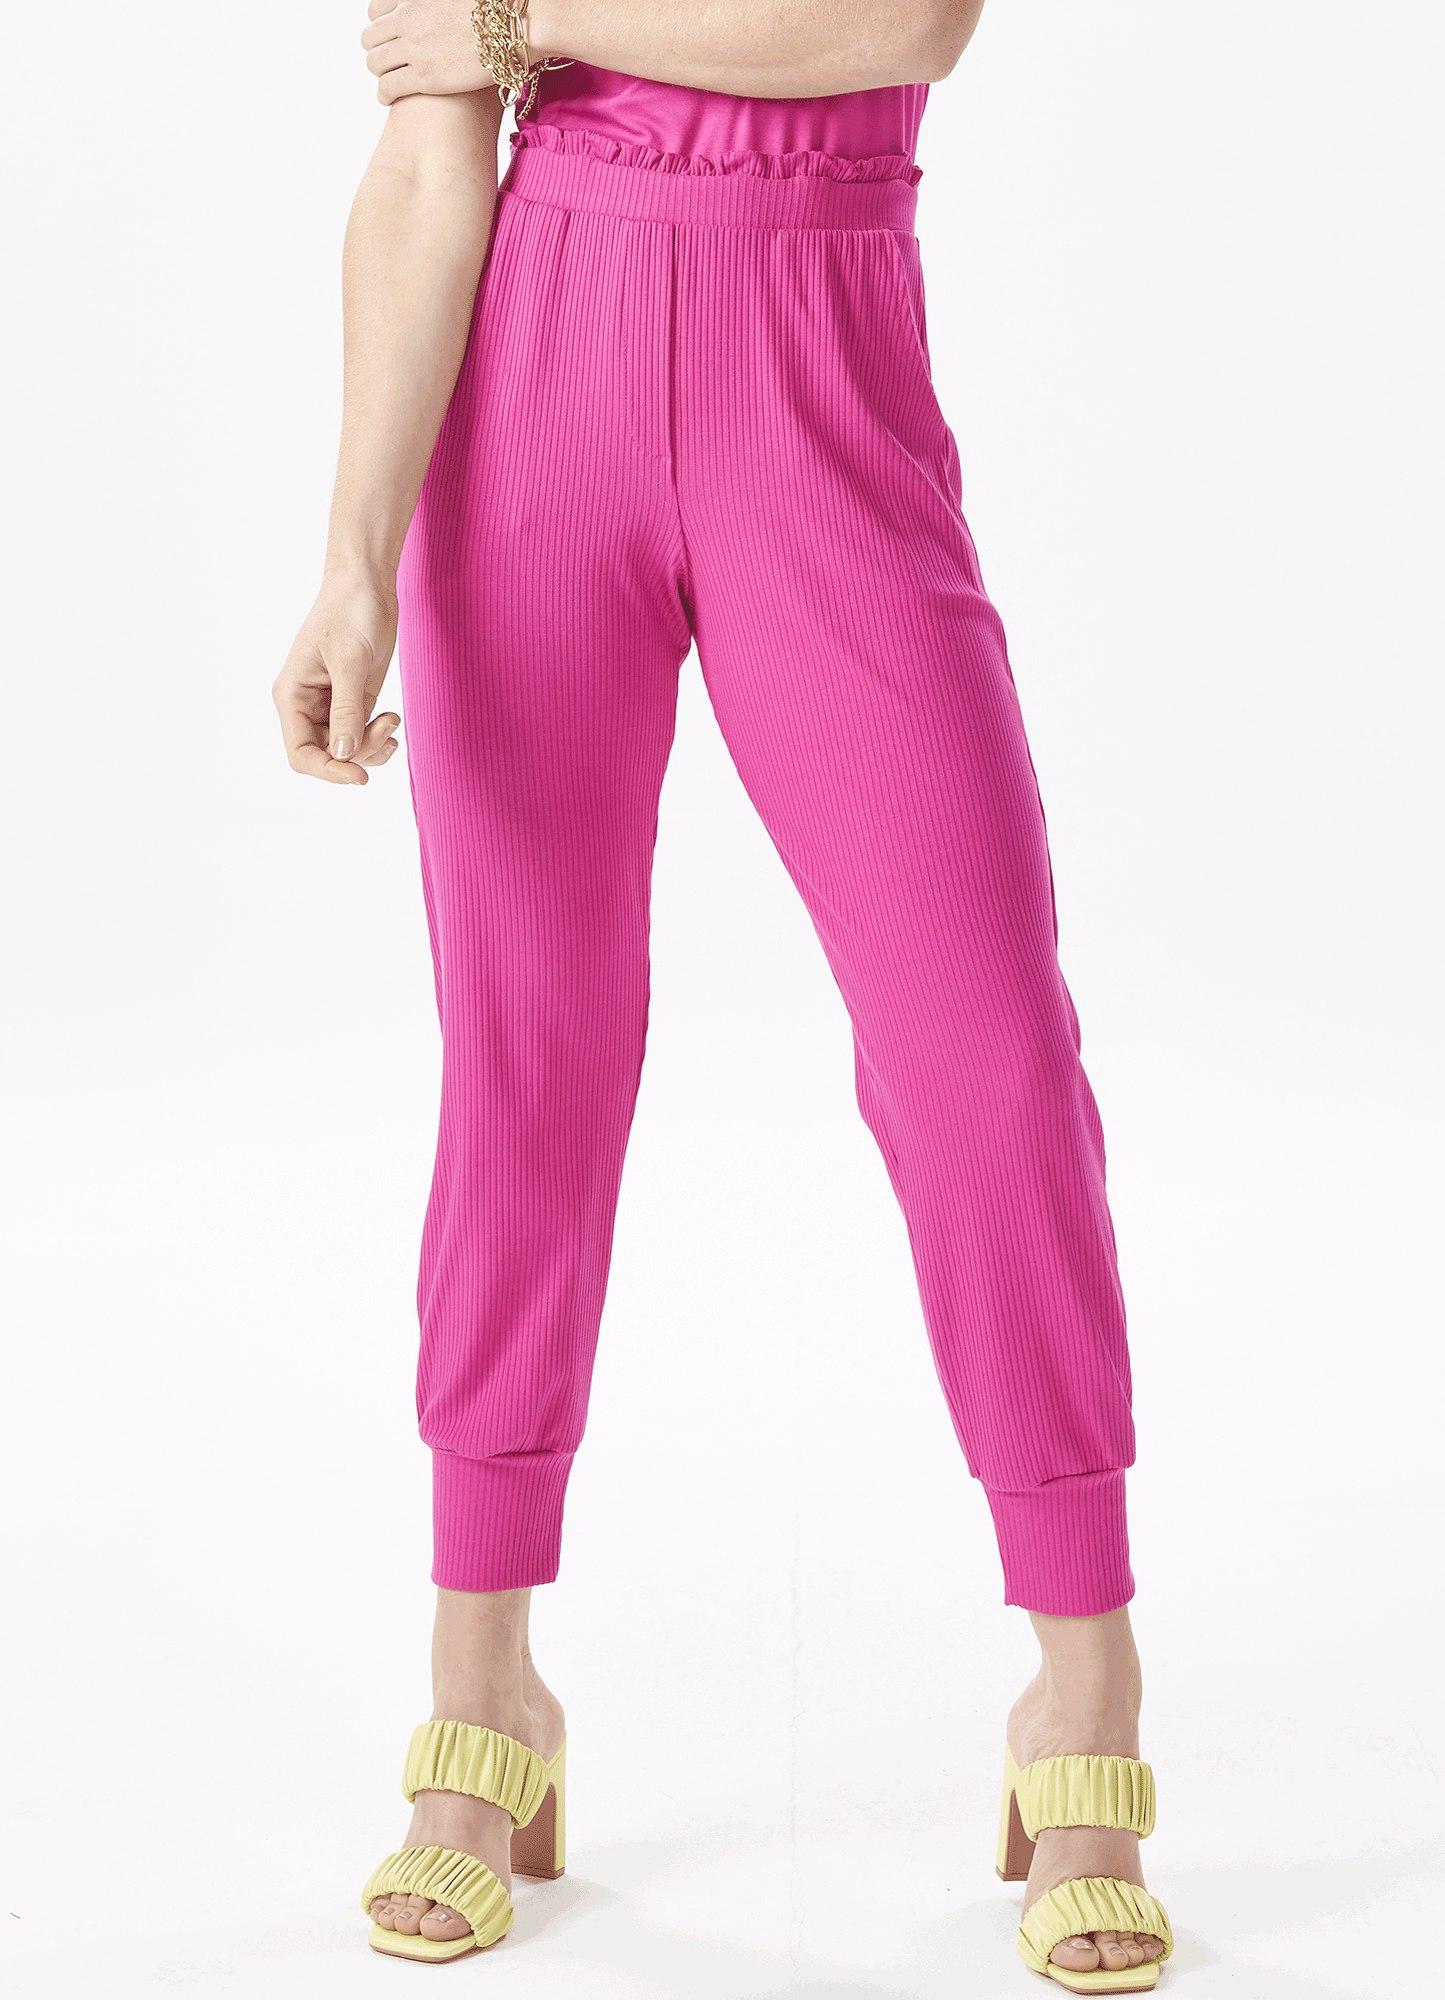 Calça Feminina Malha Canelada Rosa Com Cós de Elástico e Punho